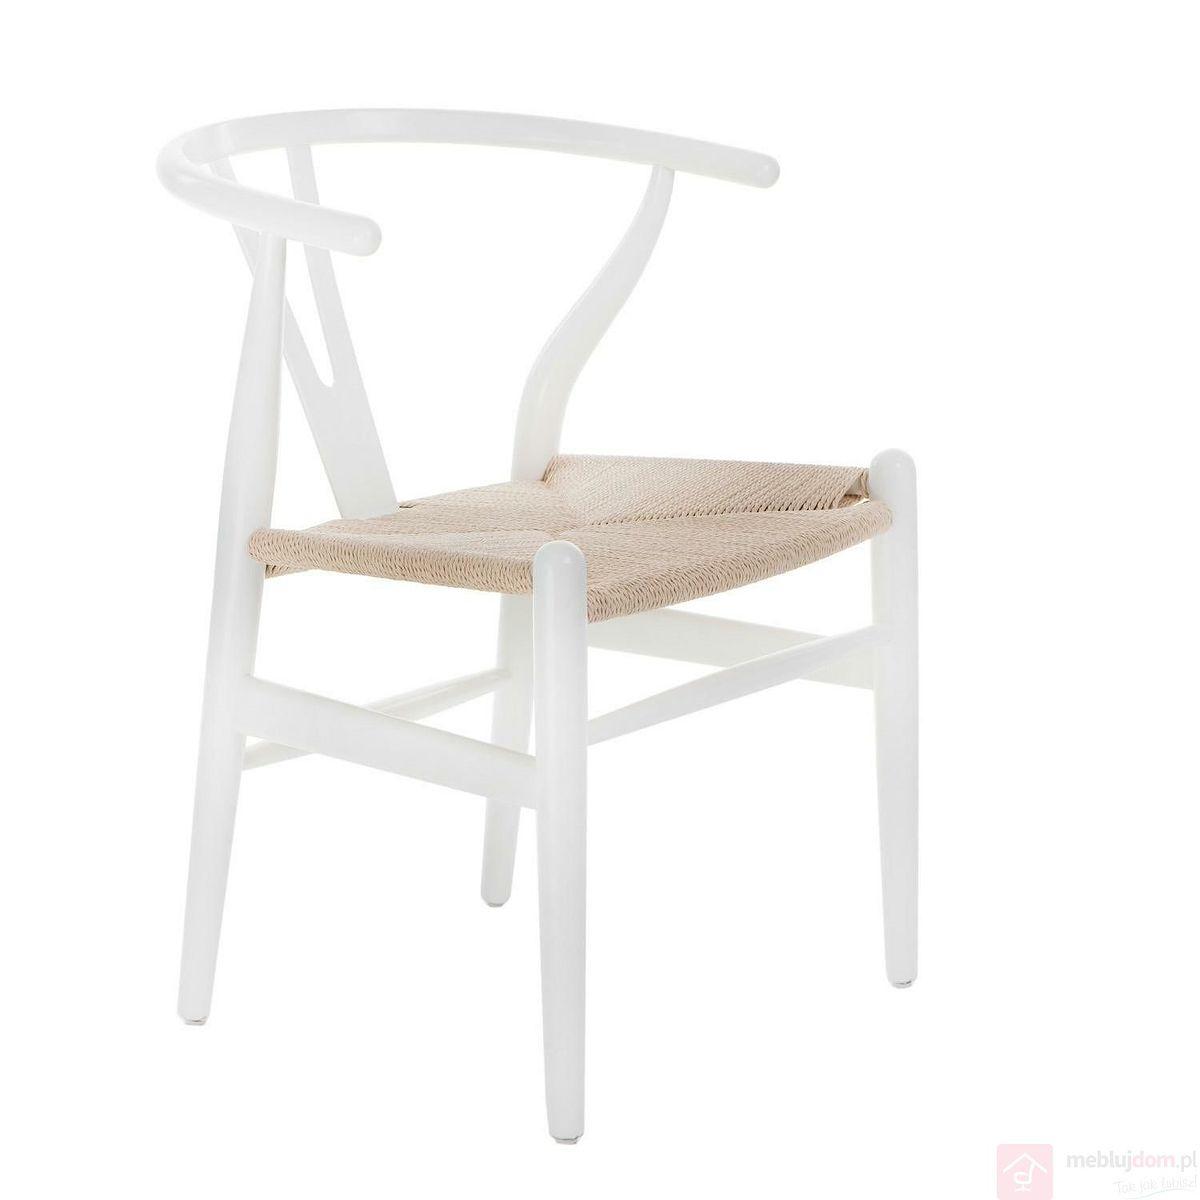 Krzesło WICKER NATURALNE białe drewniane